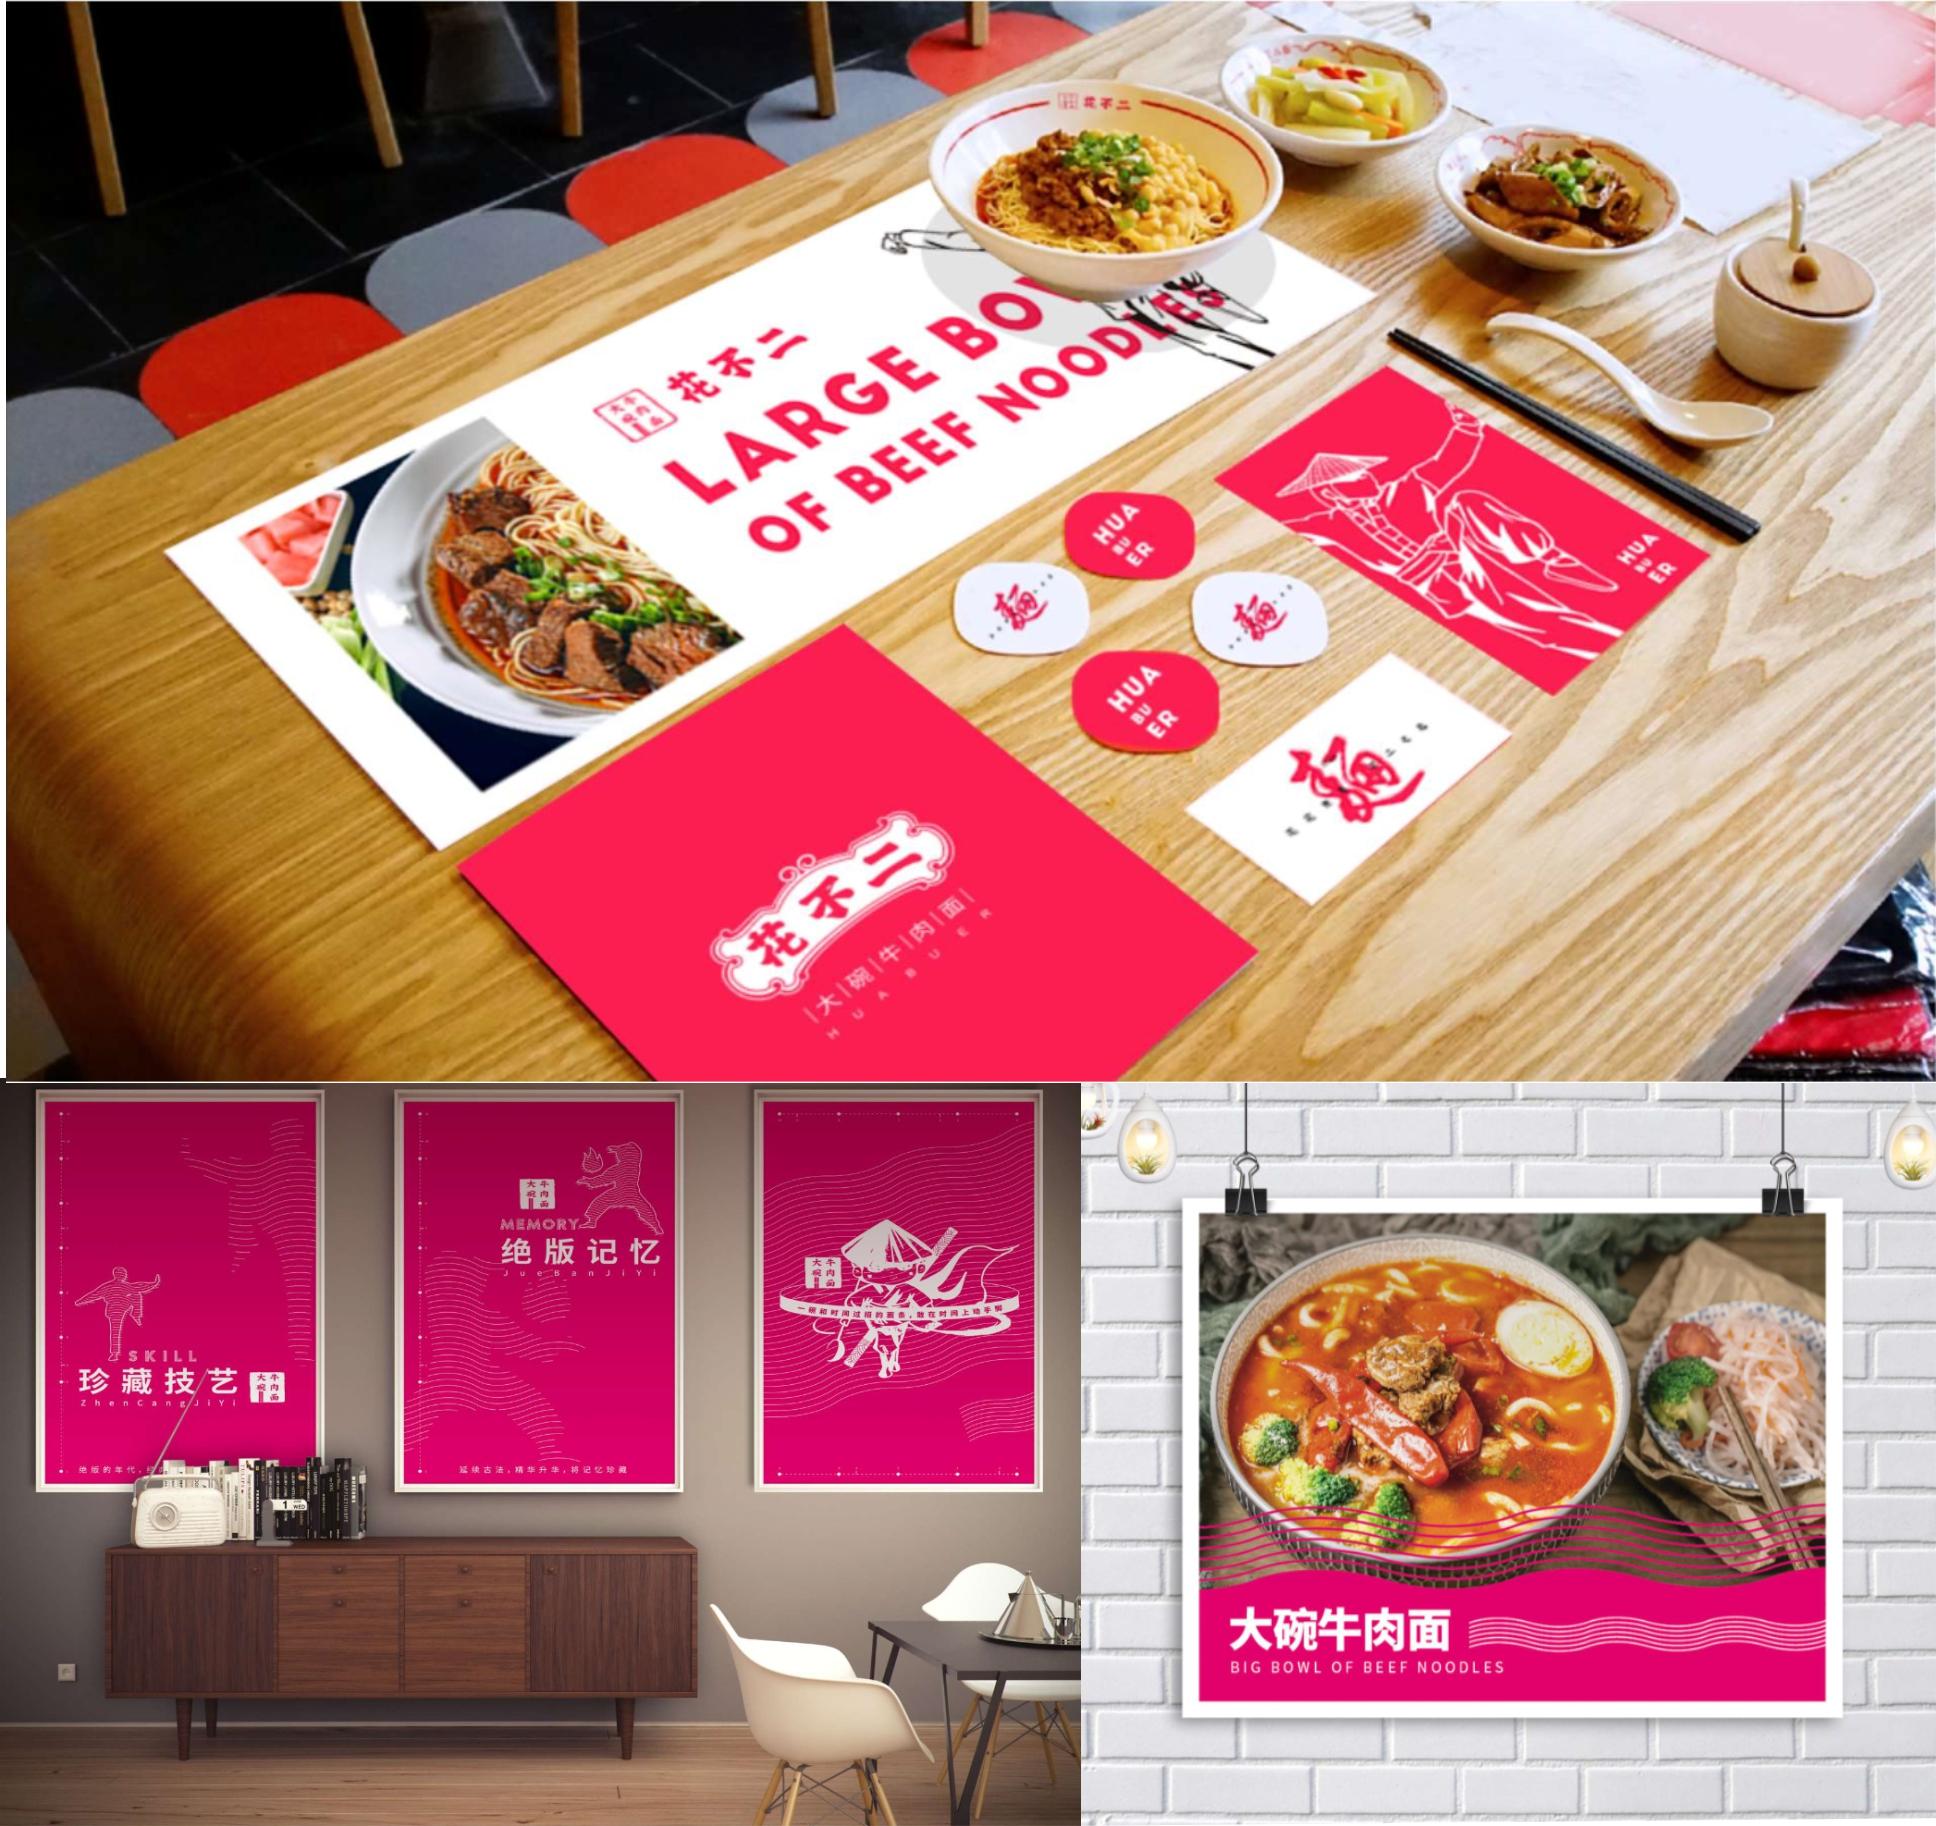 宣传单设计卡片书籍灯箱菜谱台历折页展架画册设计宣传册广告设计